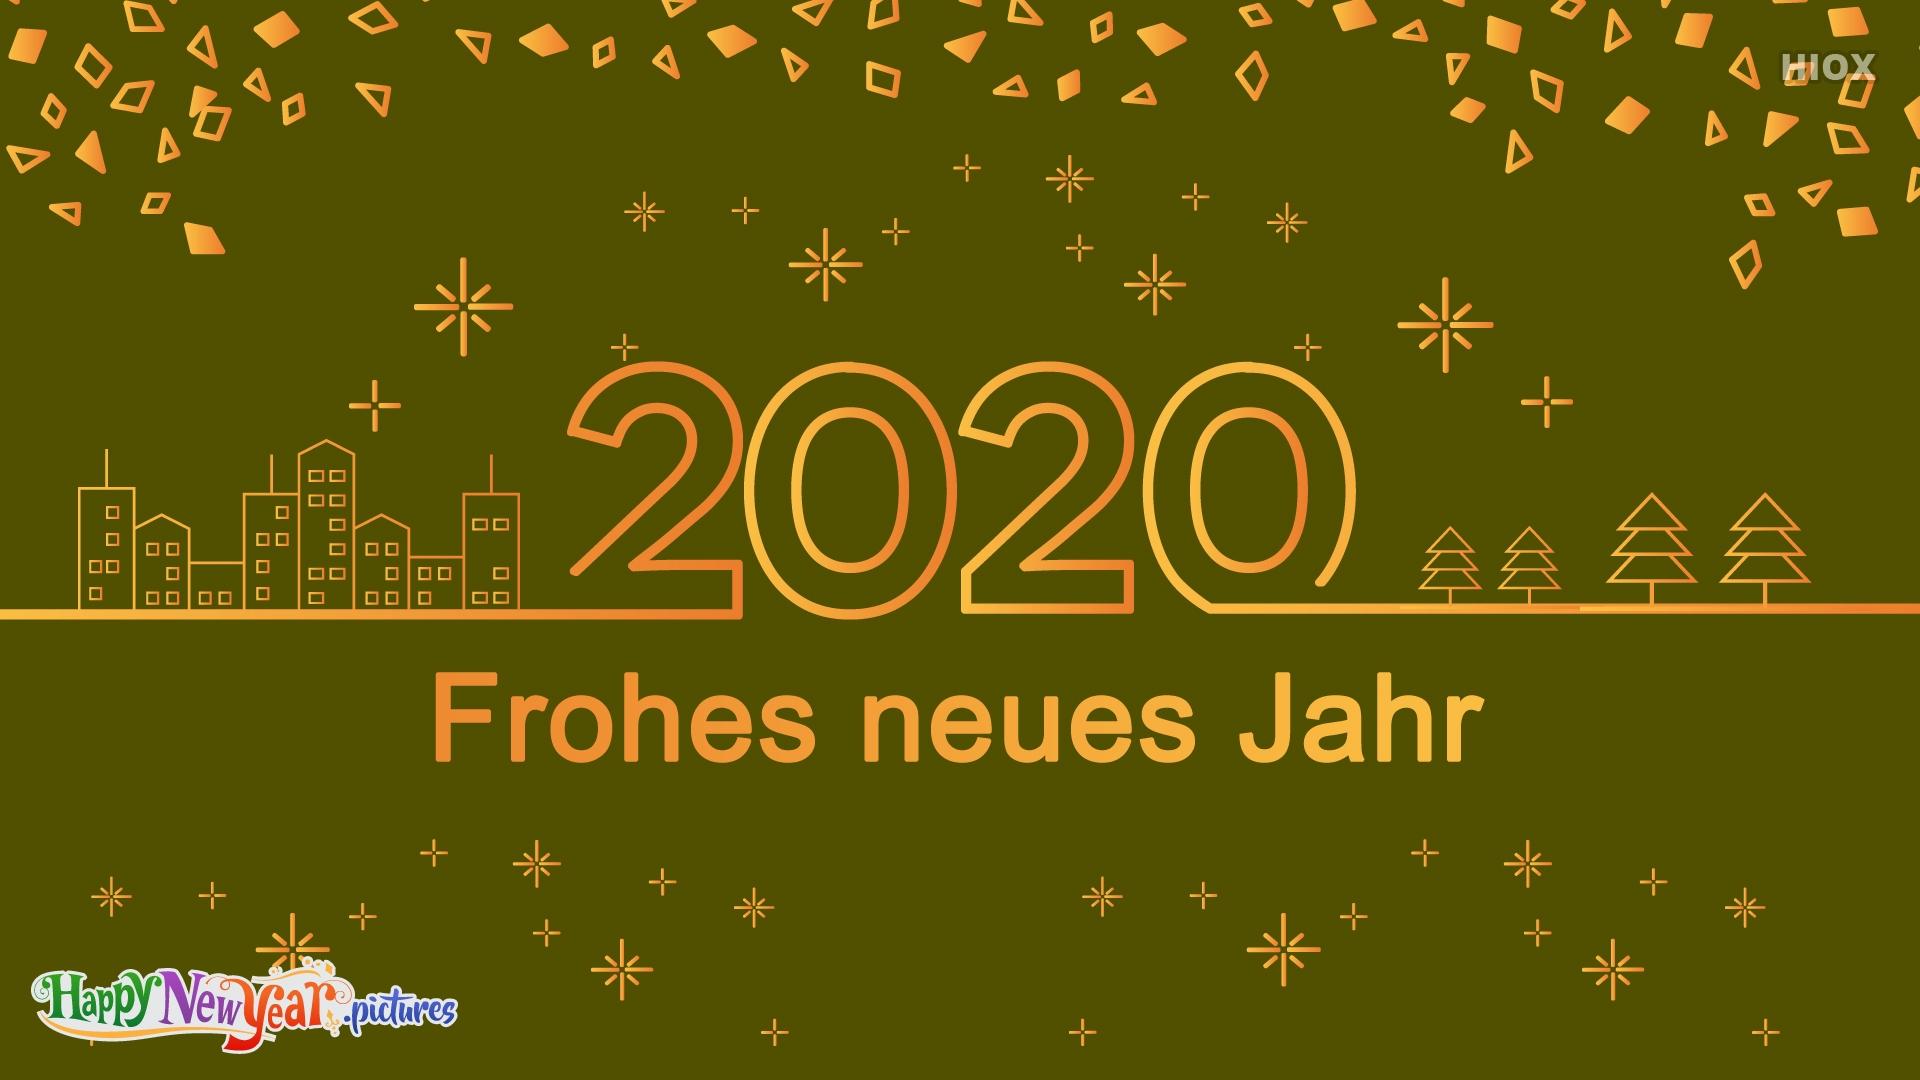 Happy New Year 2020 Dear German Friends